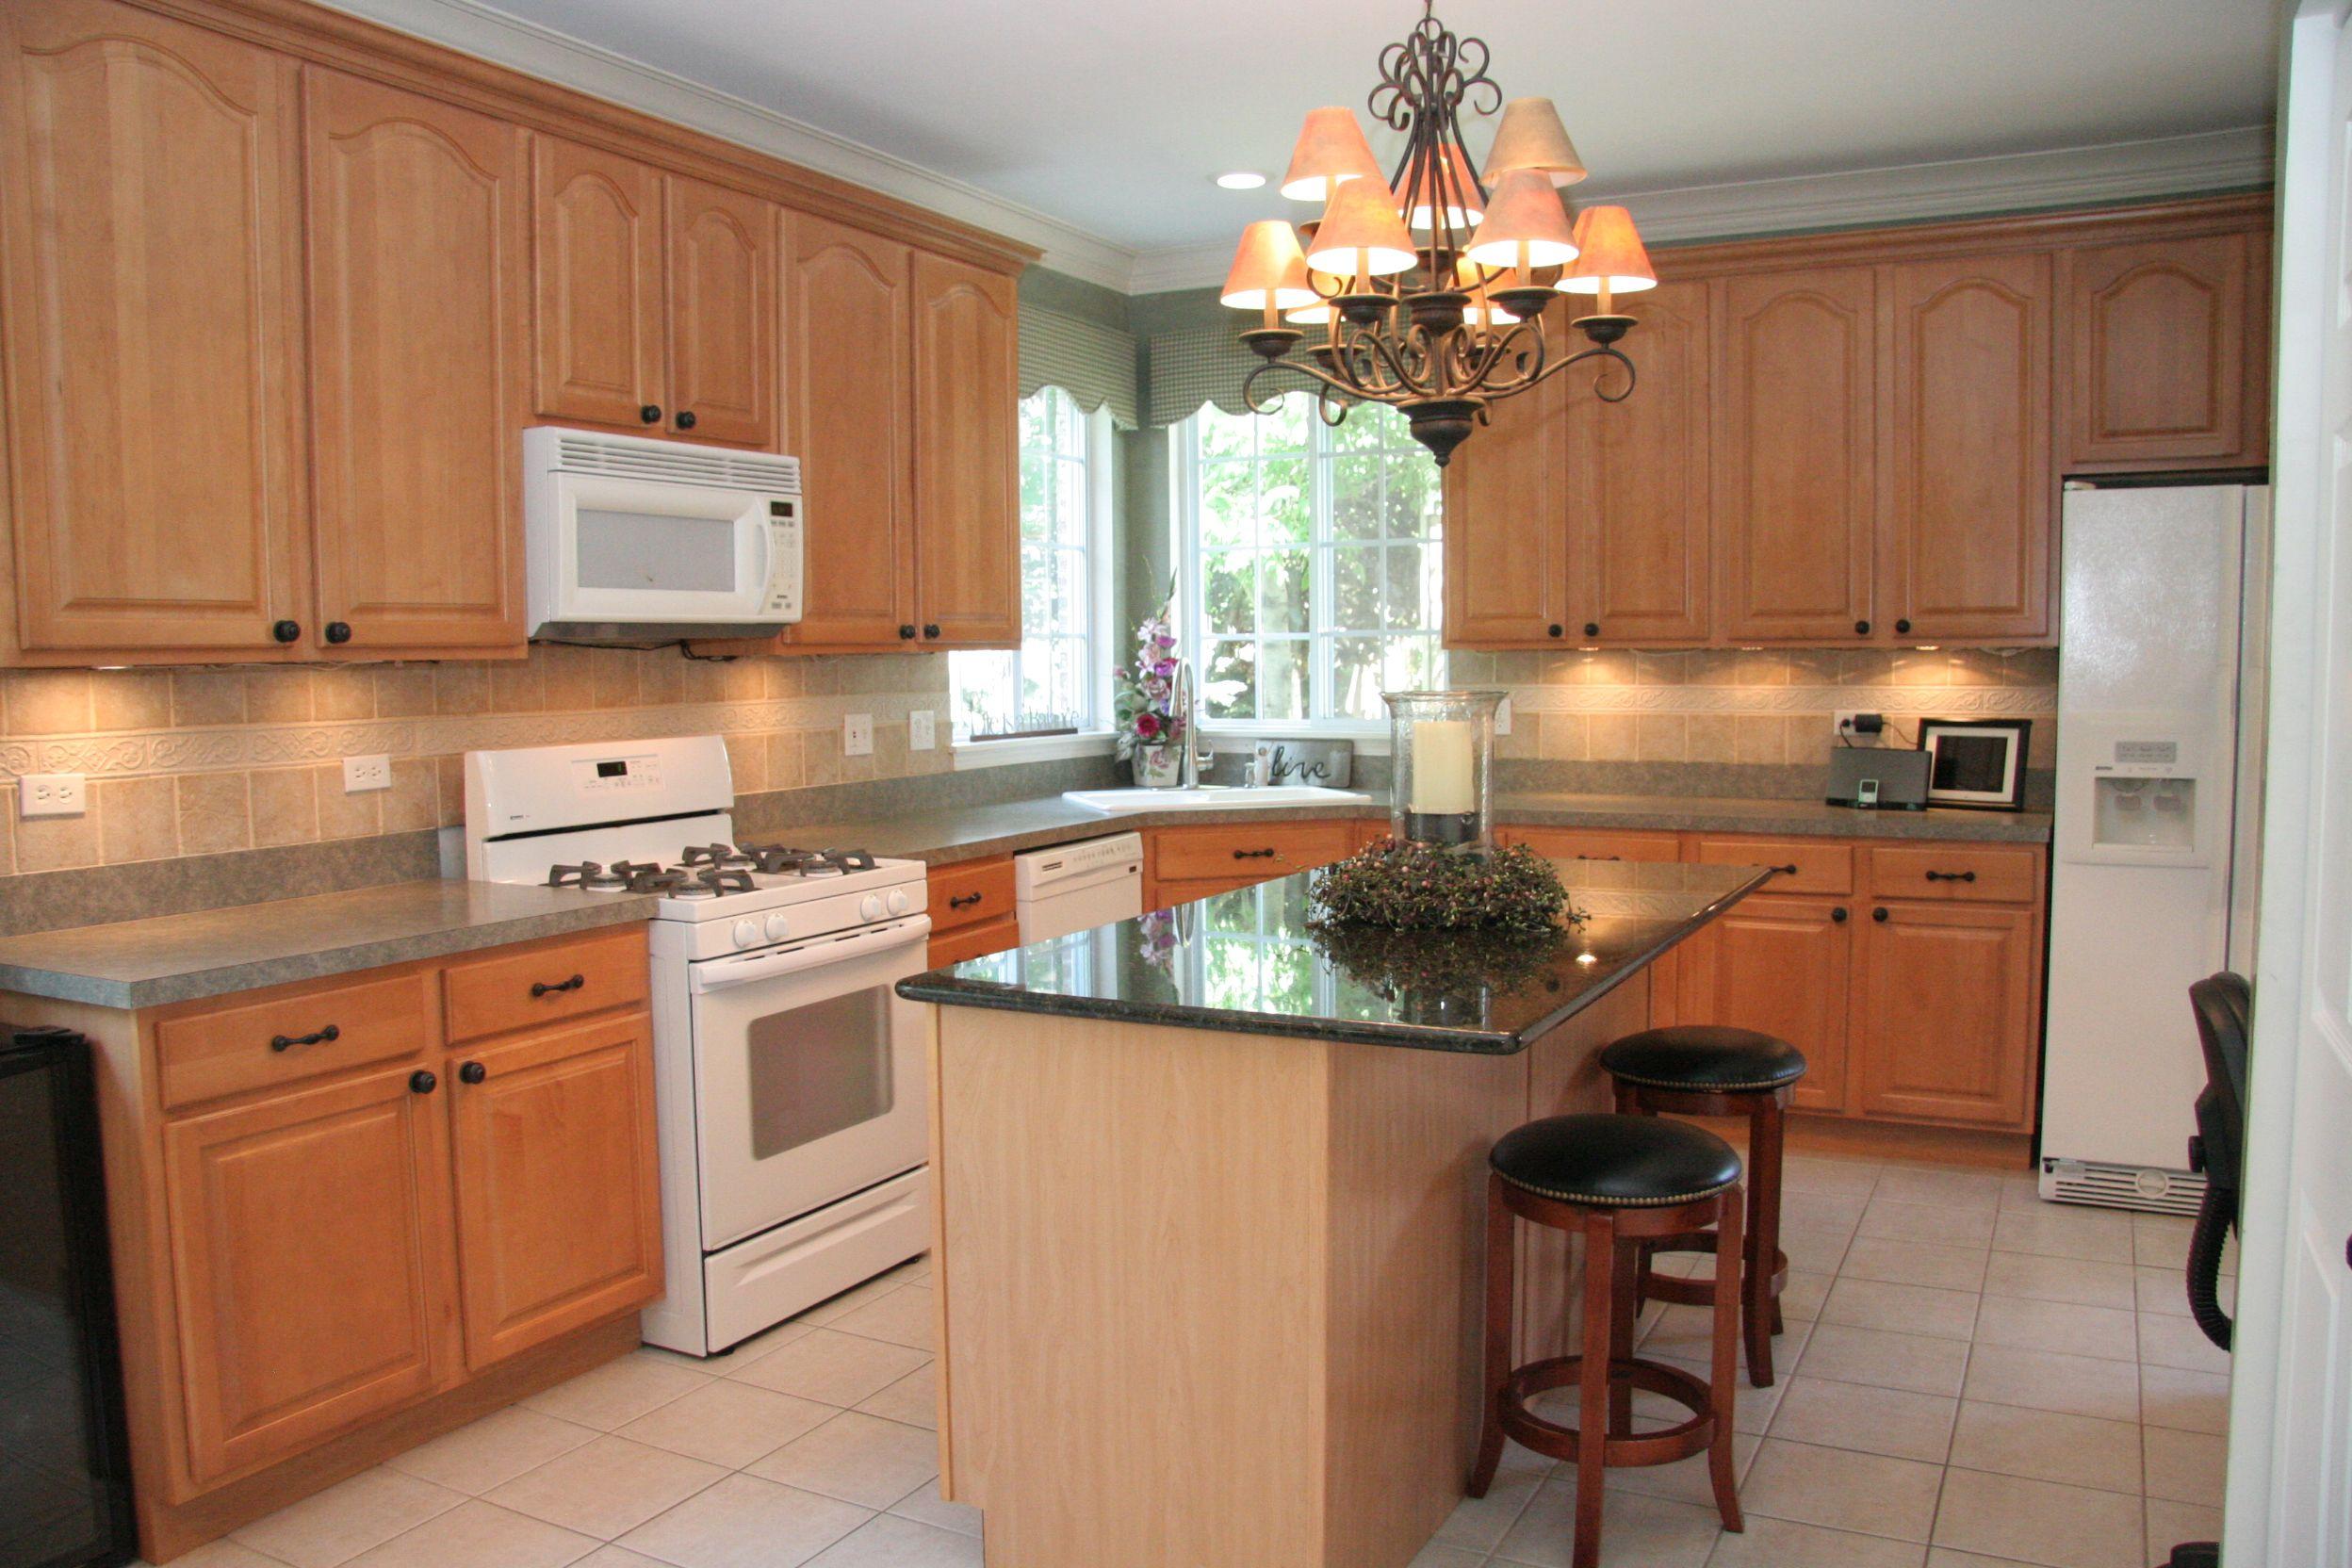 Gourmet island kitchen kitchens pinterest for Gourmet kitchen islands